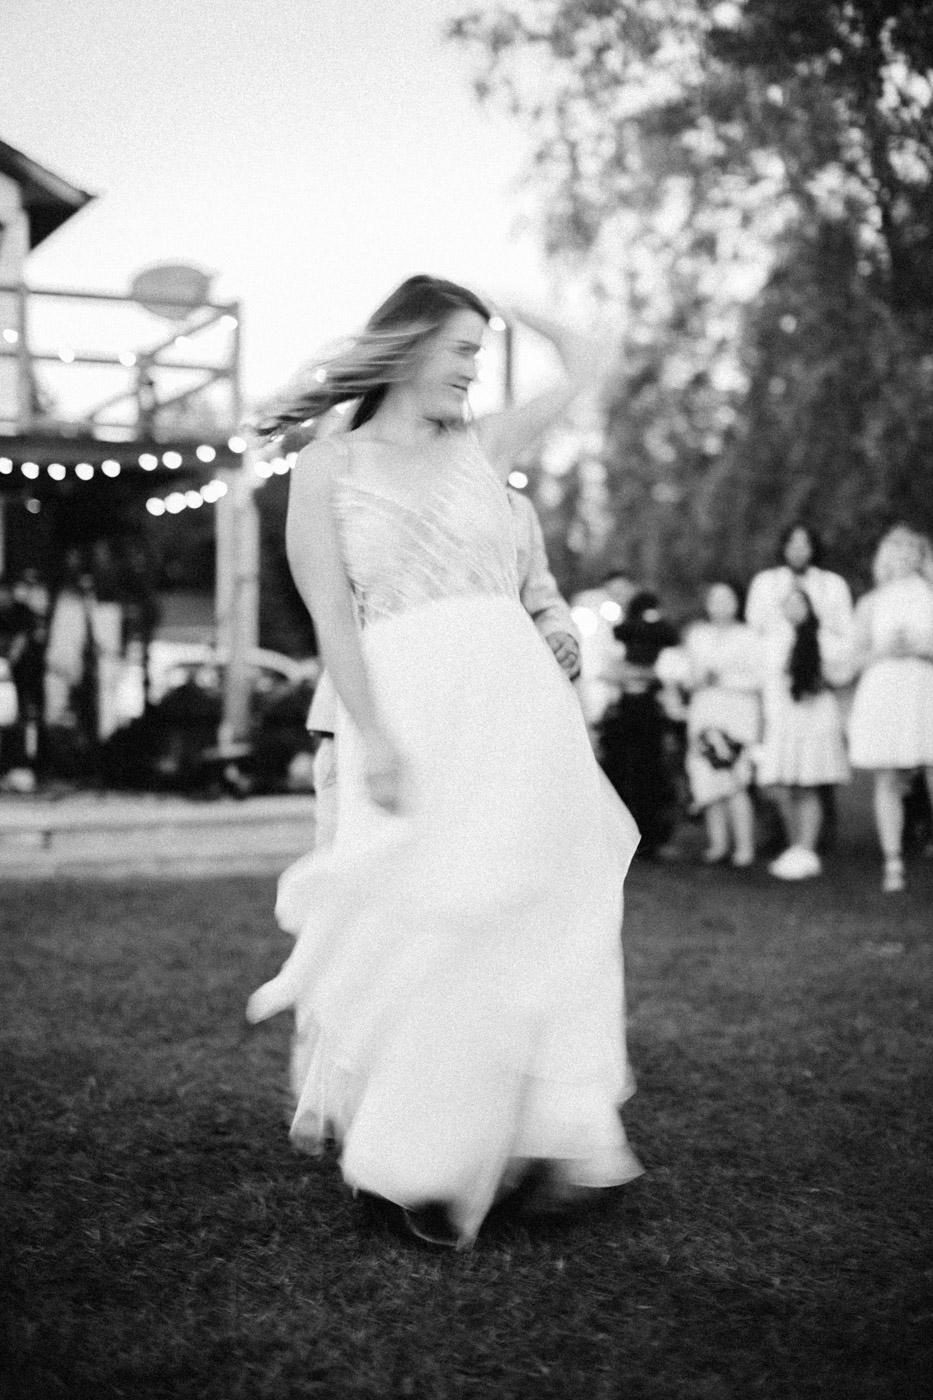 toronto_wedding_photographer_backyard_wedding-48.jpg